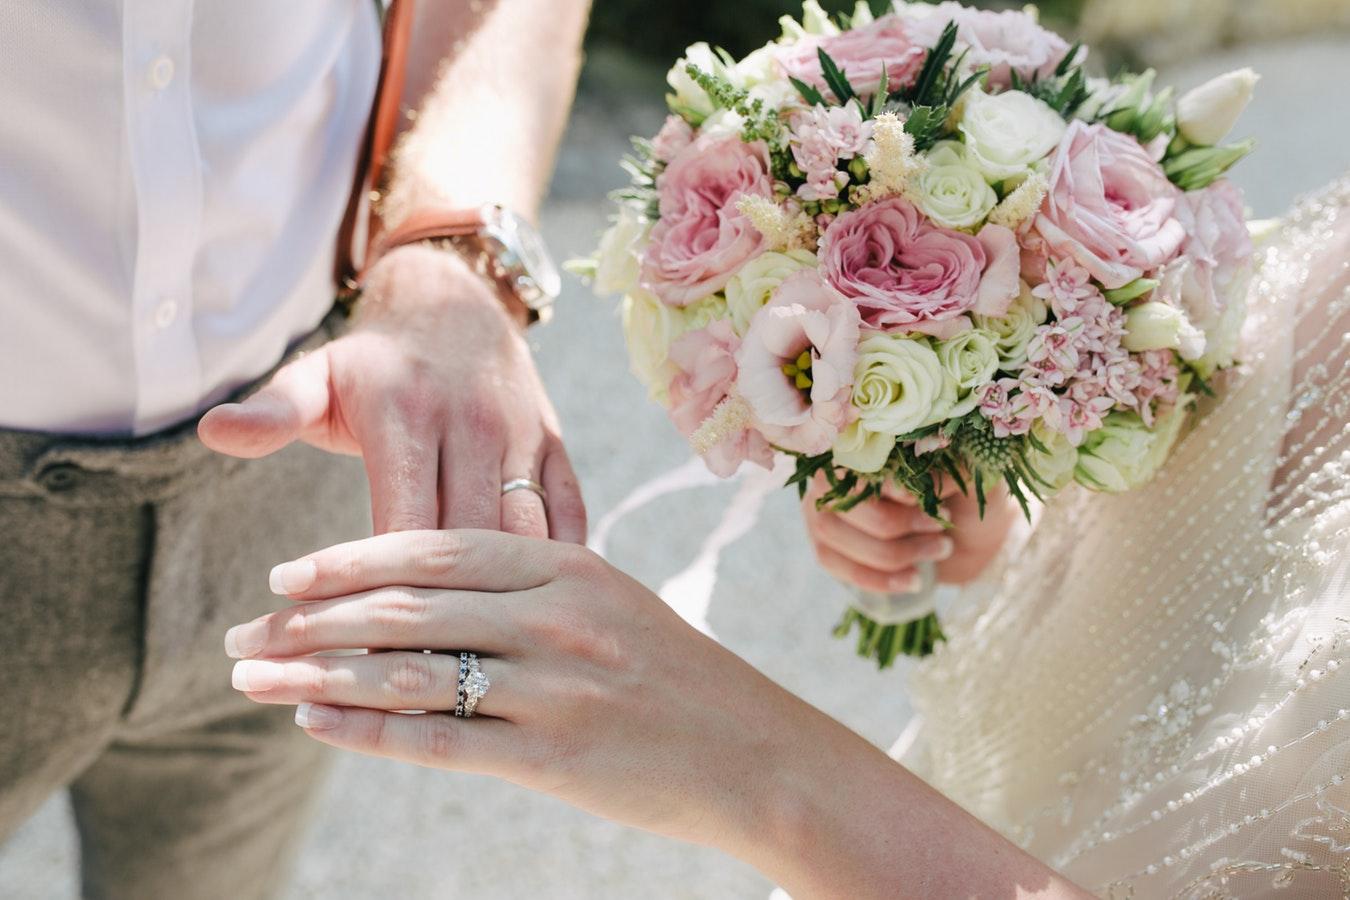 Le frasi di matrimonio dei poeti più famosi per celebrare il grande giorno